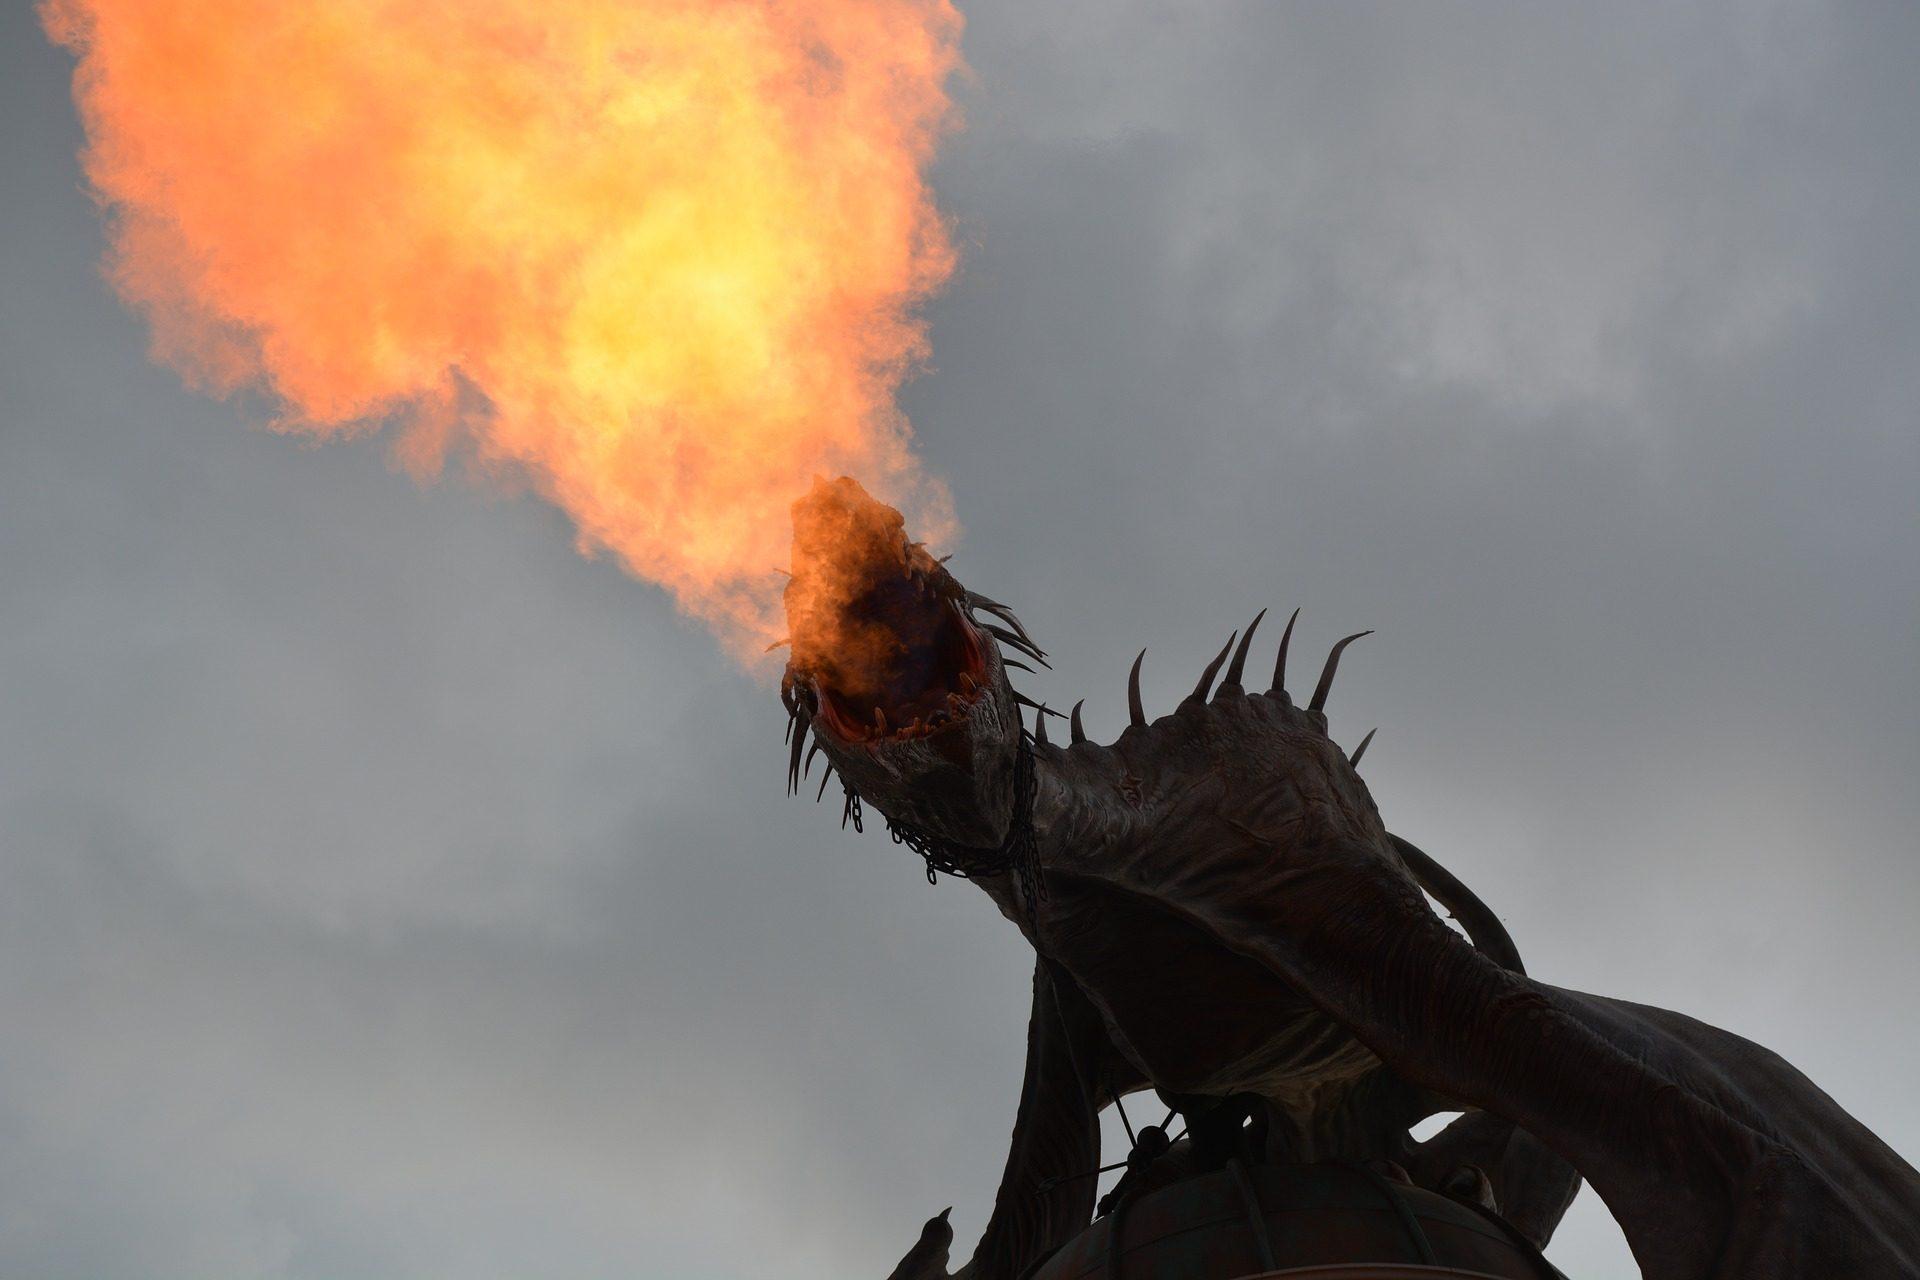 龙, 消防, 火焰, 翅膀, 天空 - 高清壁纸 - 教授-falken.com